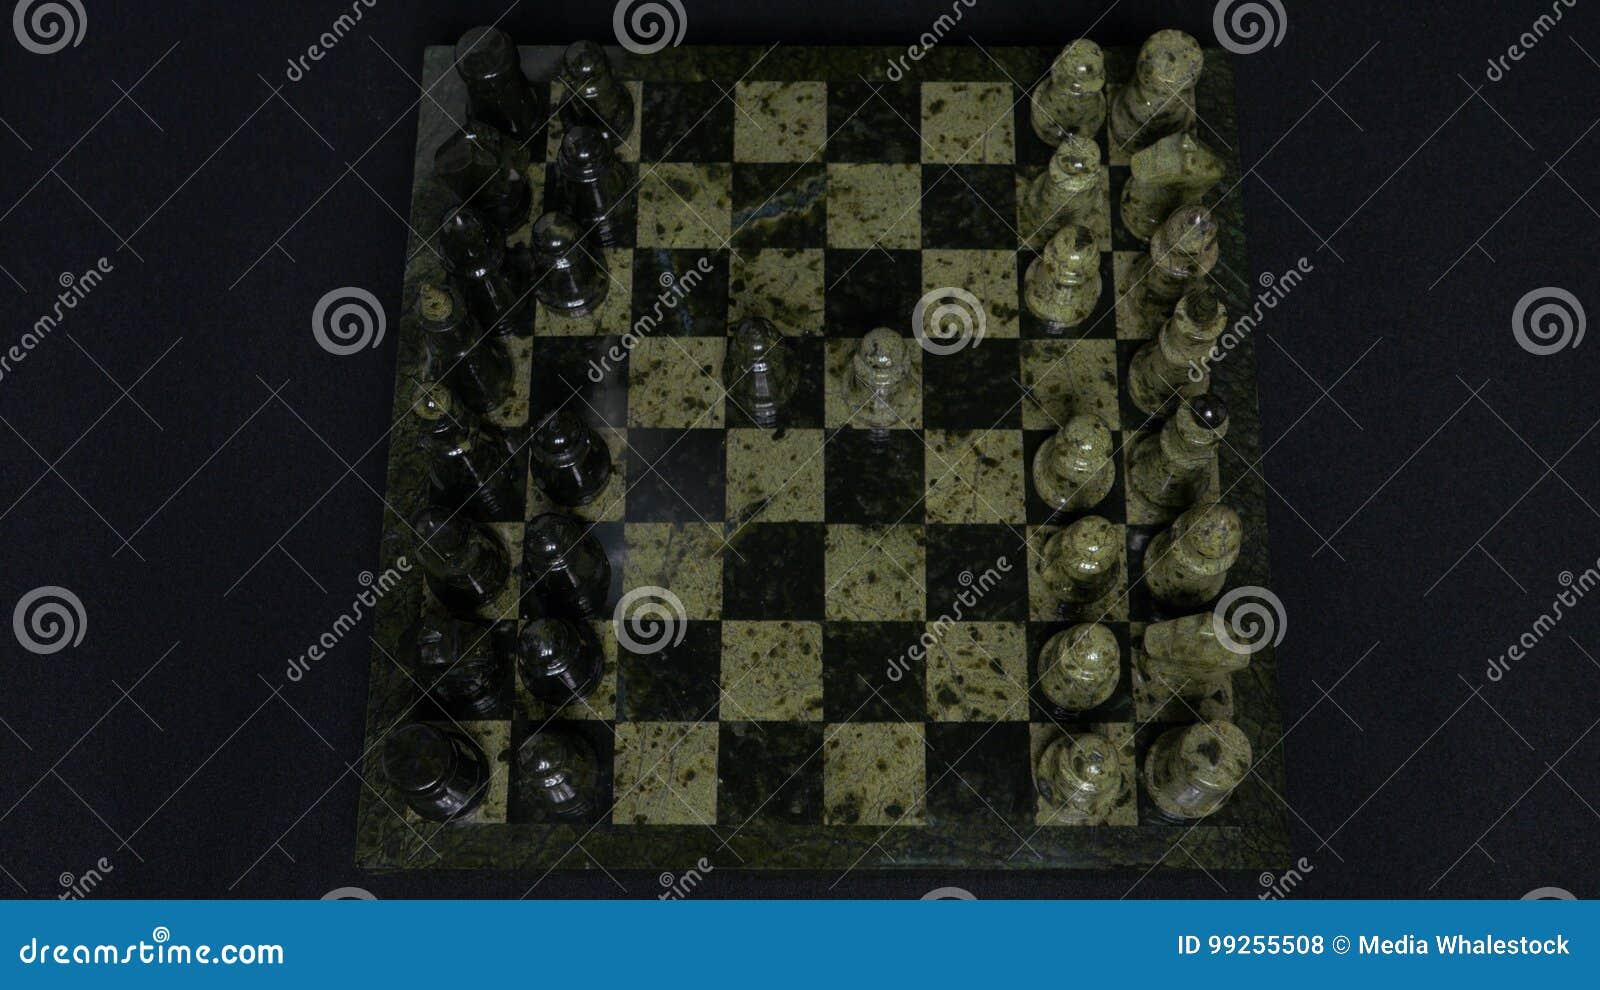 Niederlage Anfang eines Schach-Spiels, die Zahlen werden und Person Makes The First Move ausgerichtet Hand, die ein Ritterschach